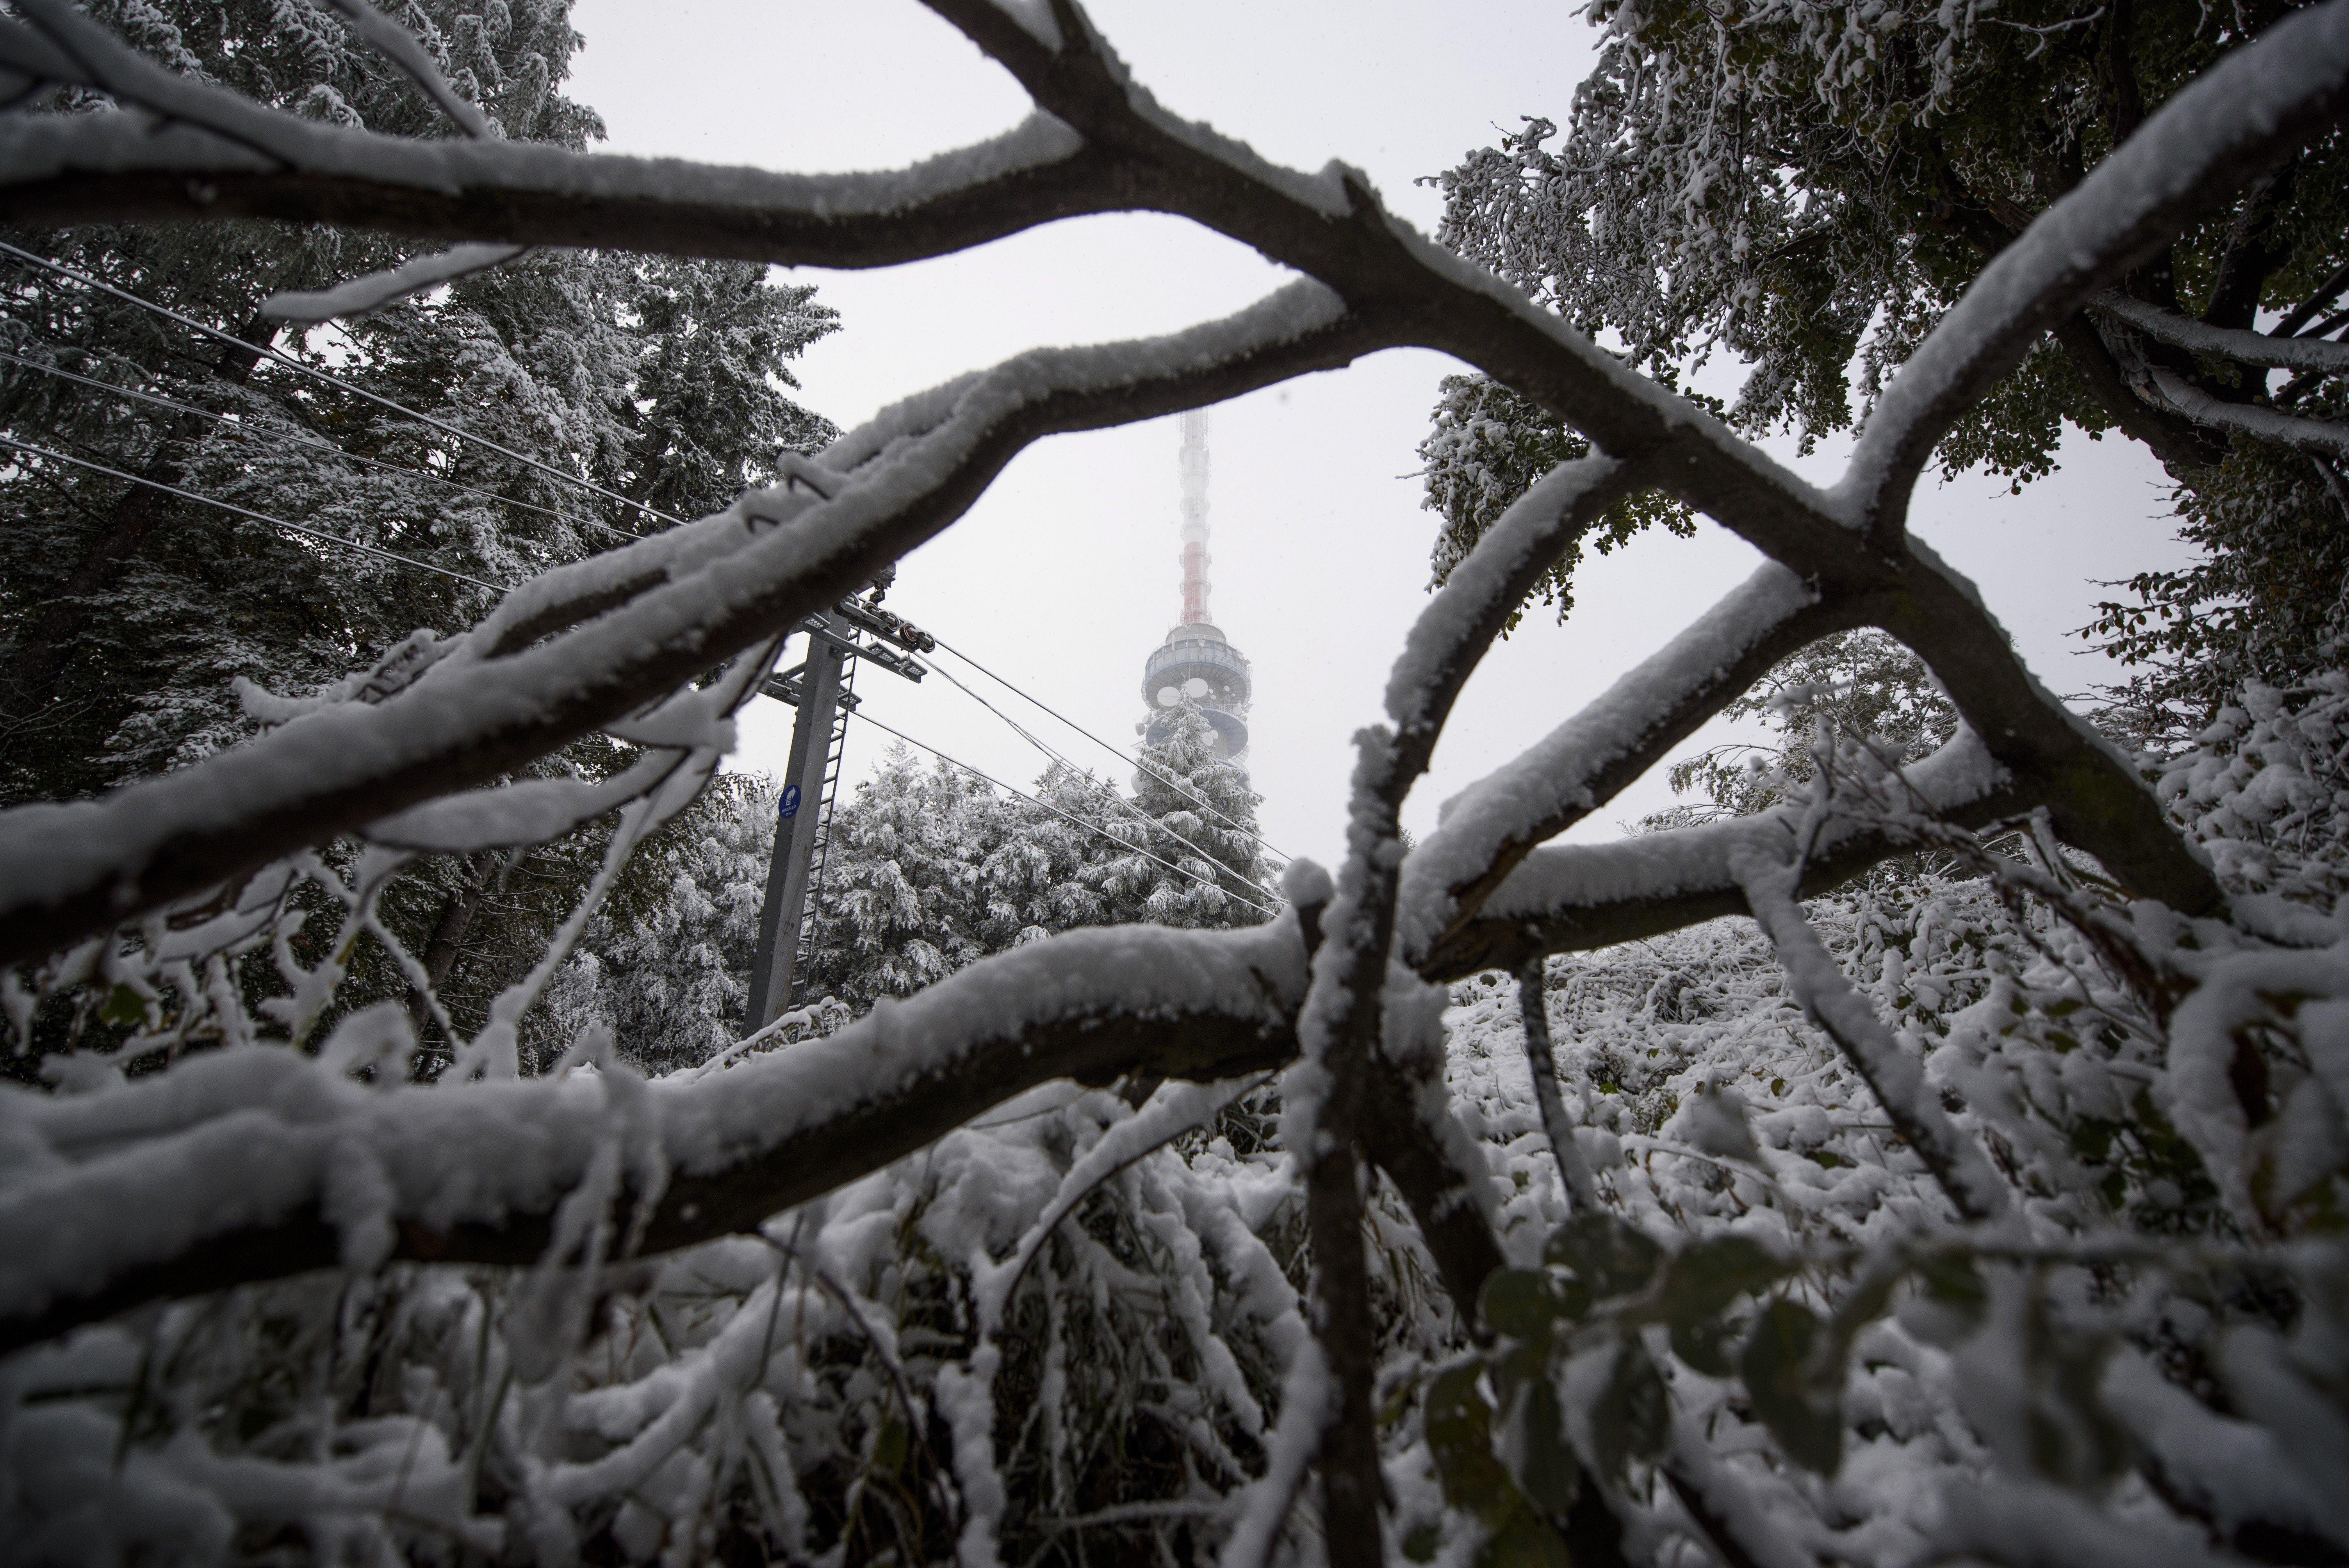 Hó is eshet a hegyekben az éjjel